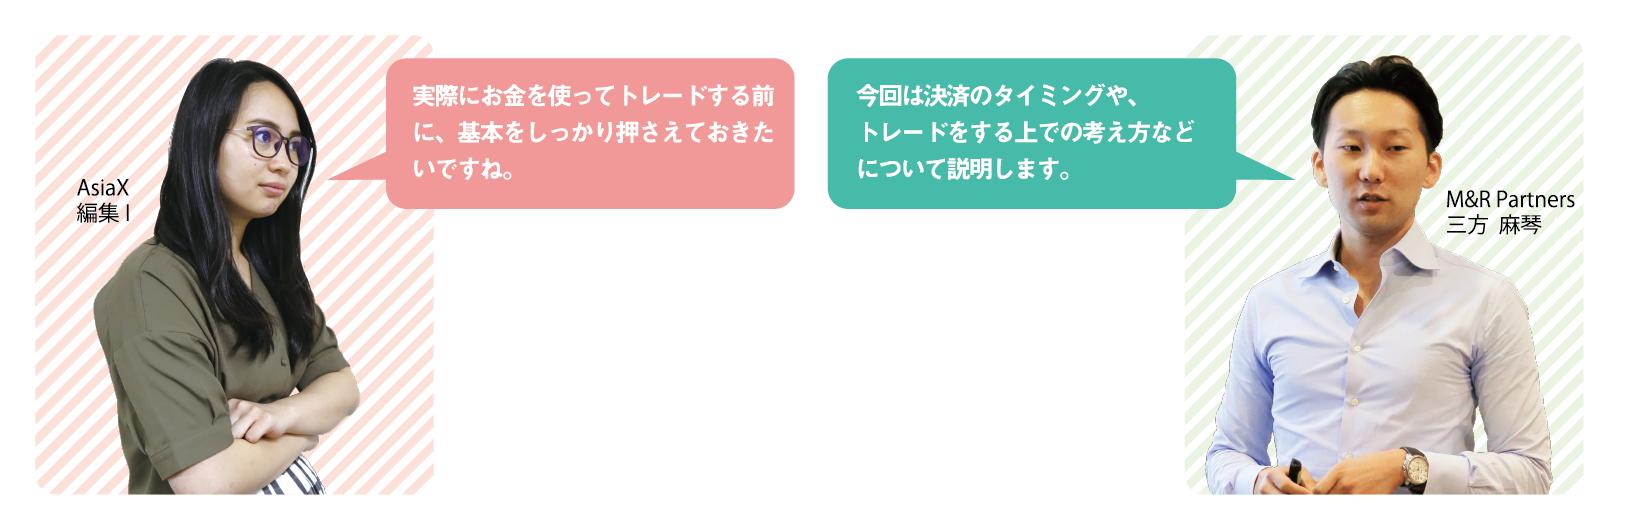 322web_Mikata Investment-1-01